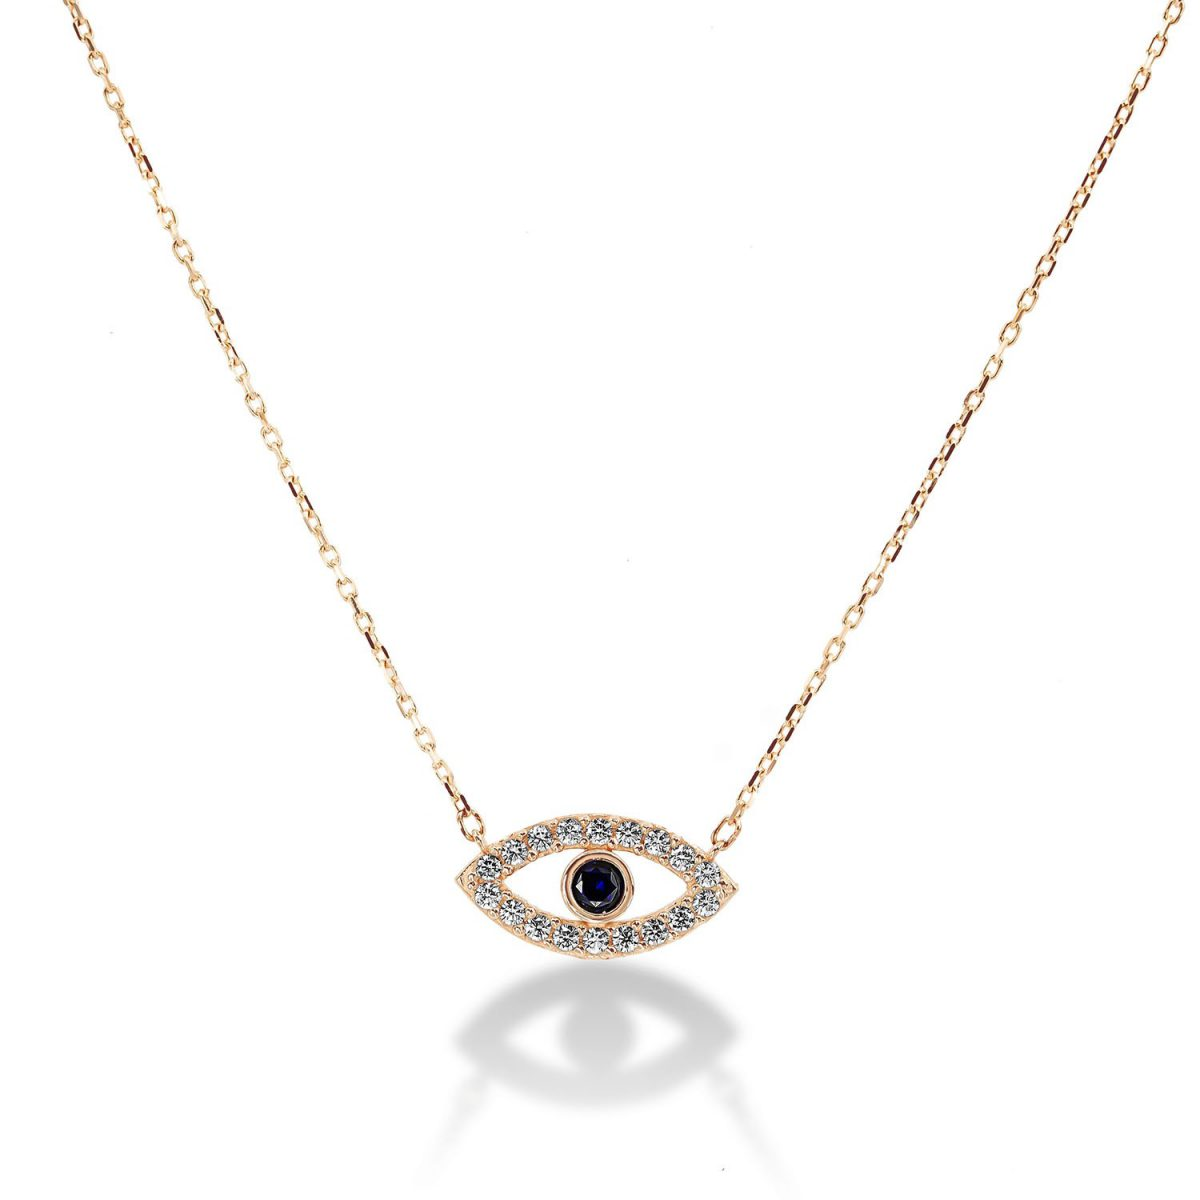 שרשרת זהב עין משובצת זרקונים - זהב צהוב